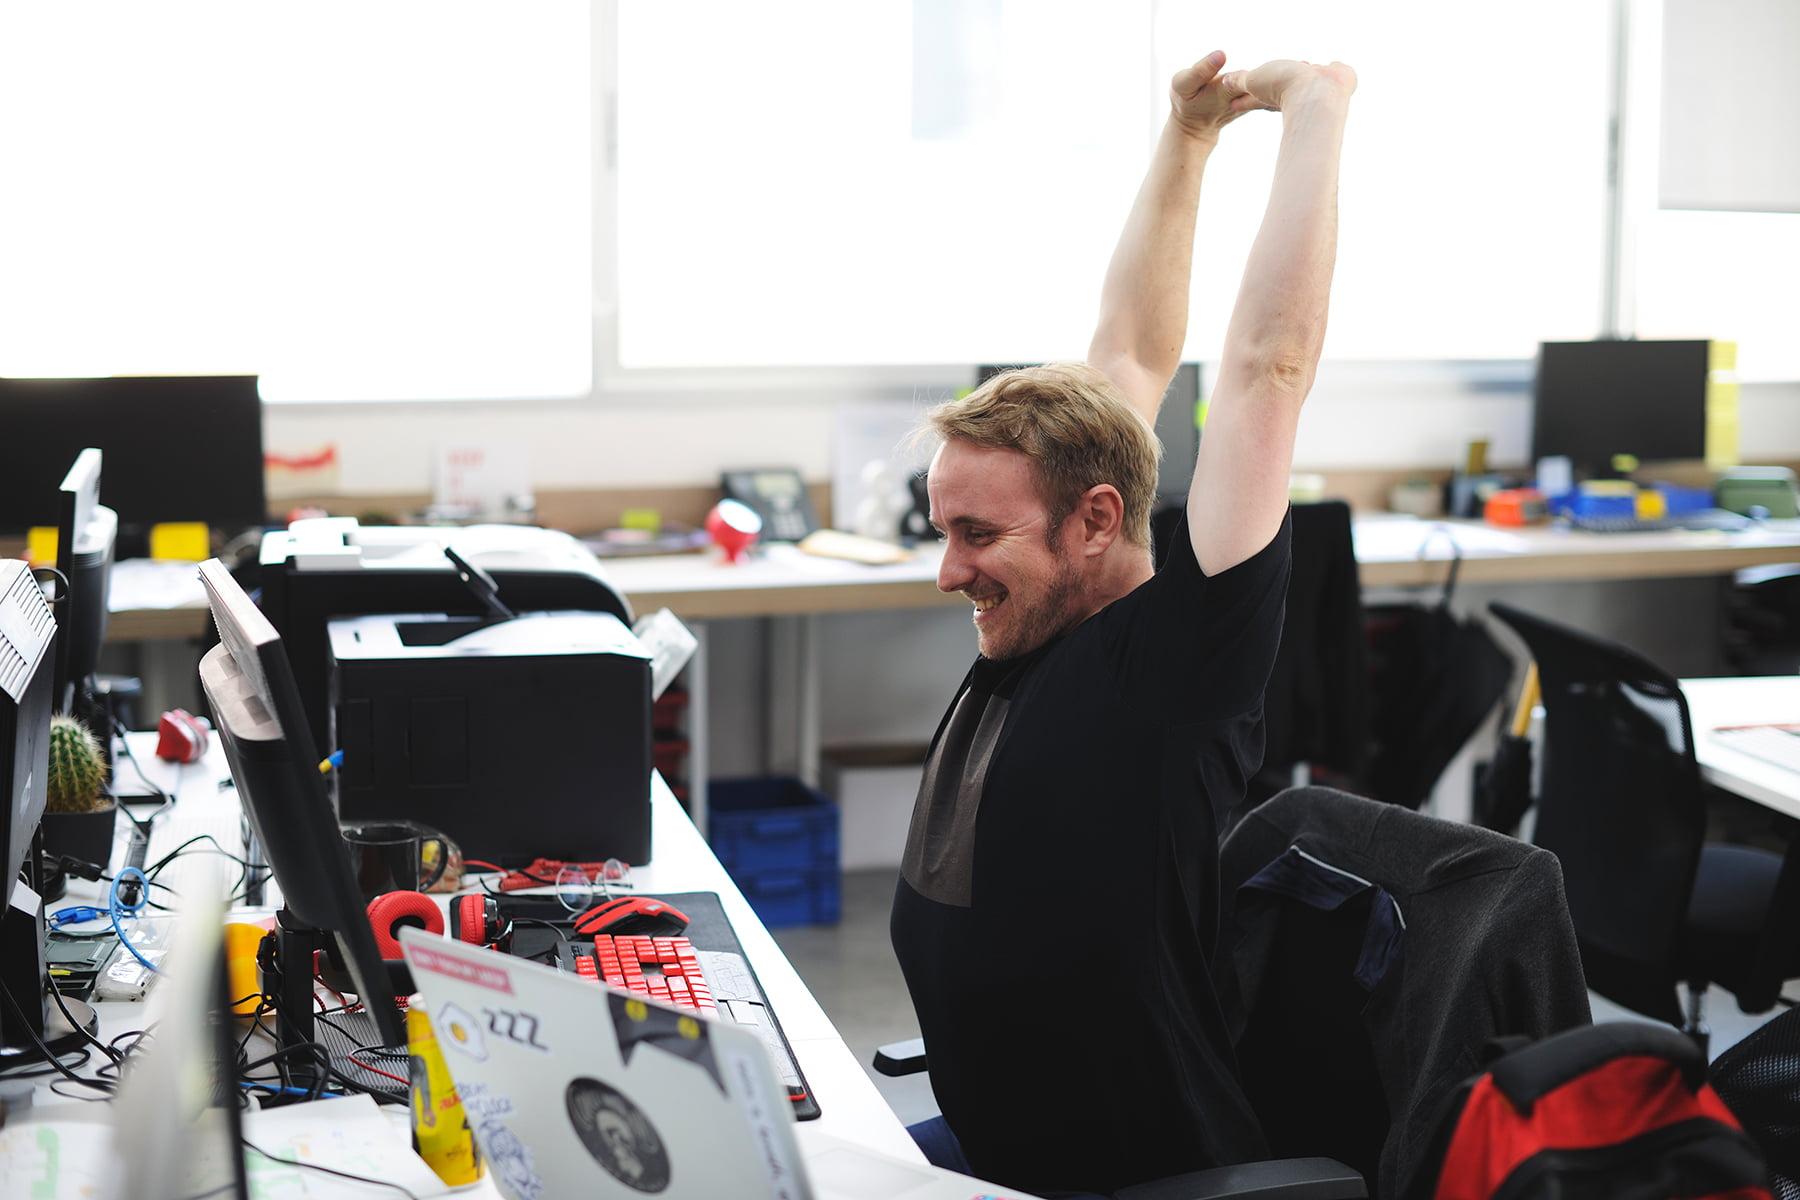 alongamento e atividades físicas no escritório